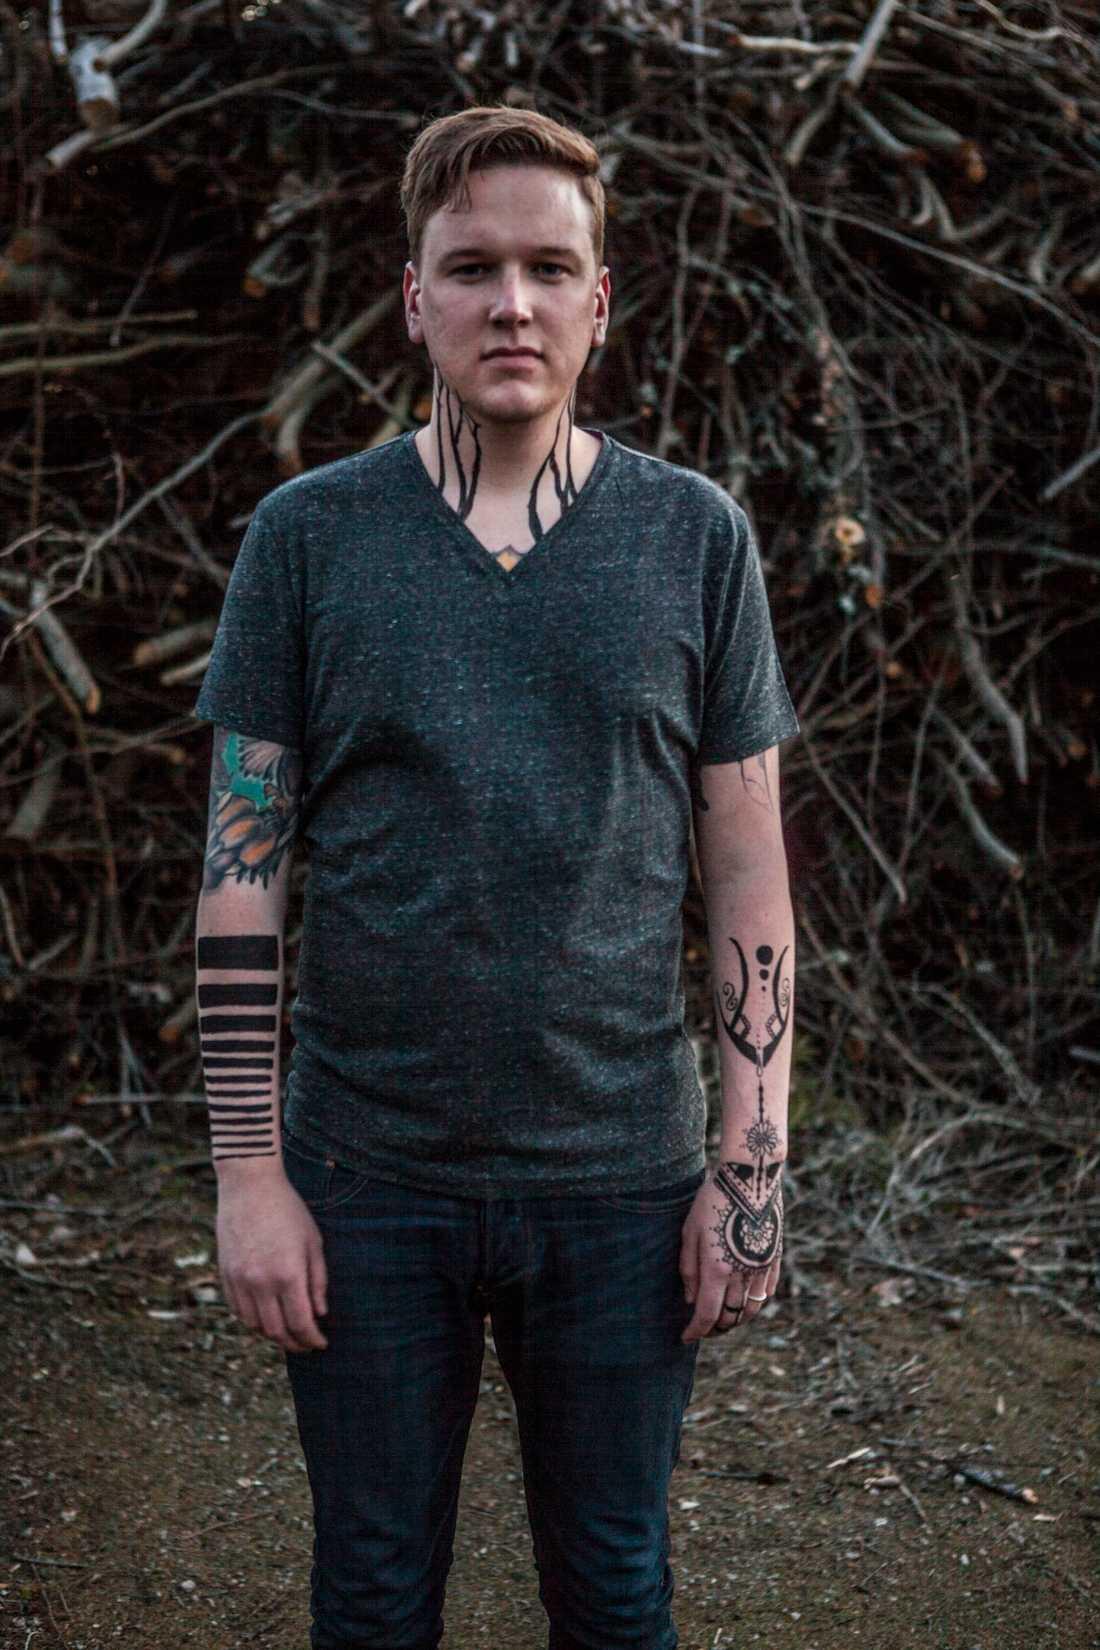 Kroppsmålning och synliga tatueringar På fritiden ser Anton Svensson ut så här. Alltid klädd i gymnastikskor, t-shirt och jeans.